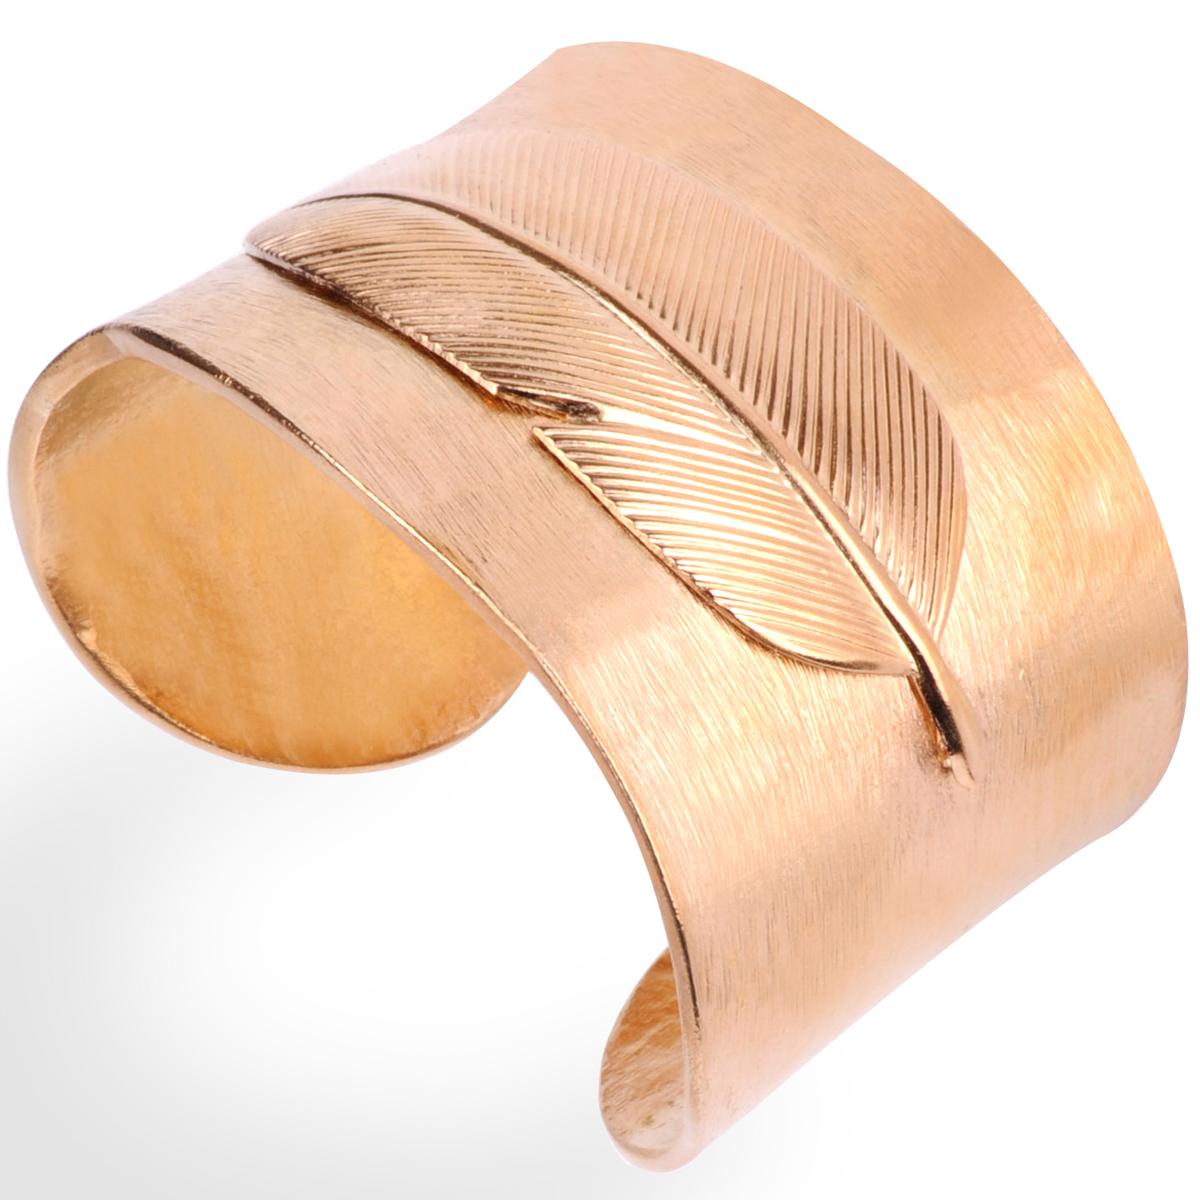 nouveaux styles Garantie de satisfaction à 100% offres exclusives bijoux femme createur